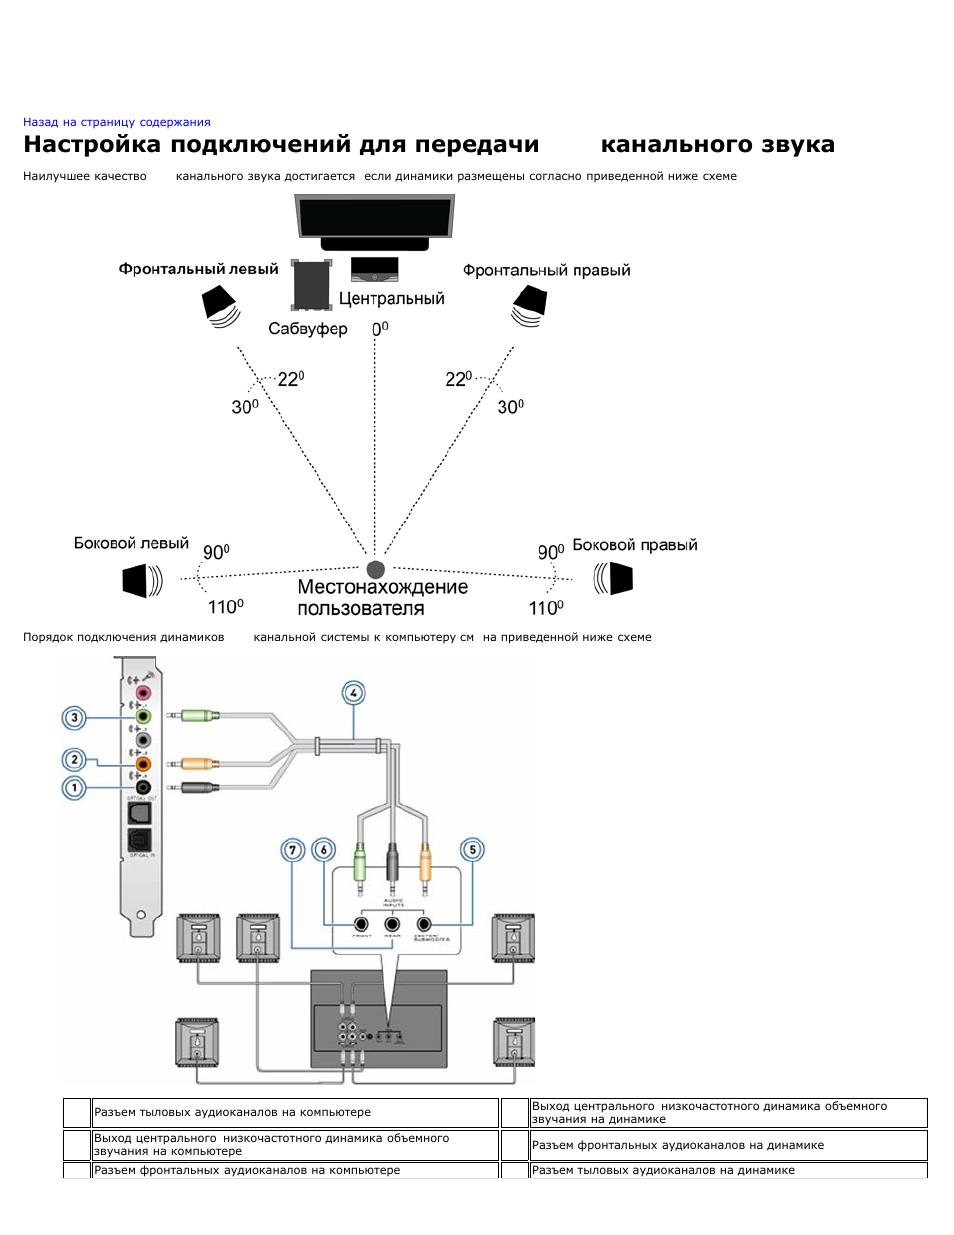 Схема последовательного соединения динамиков